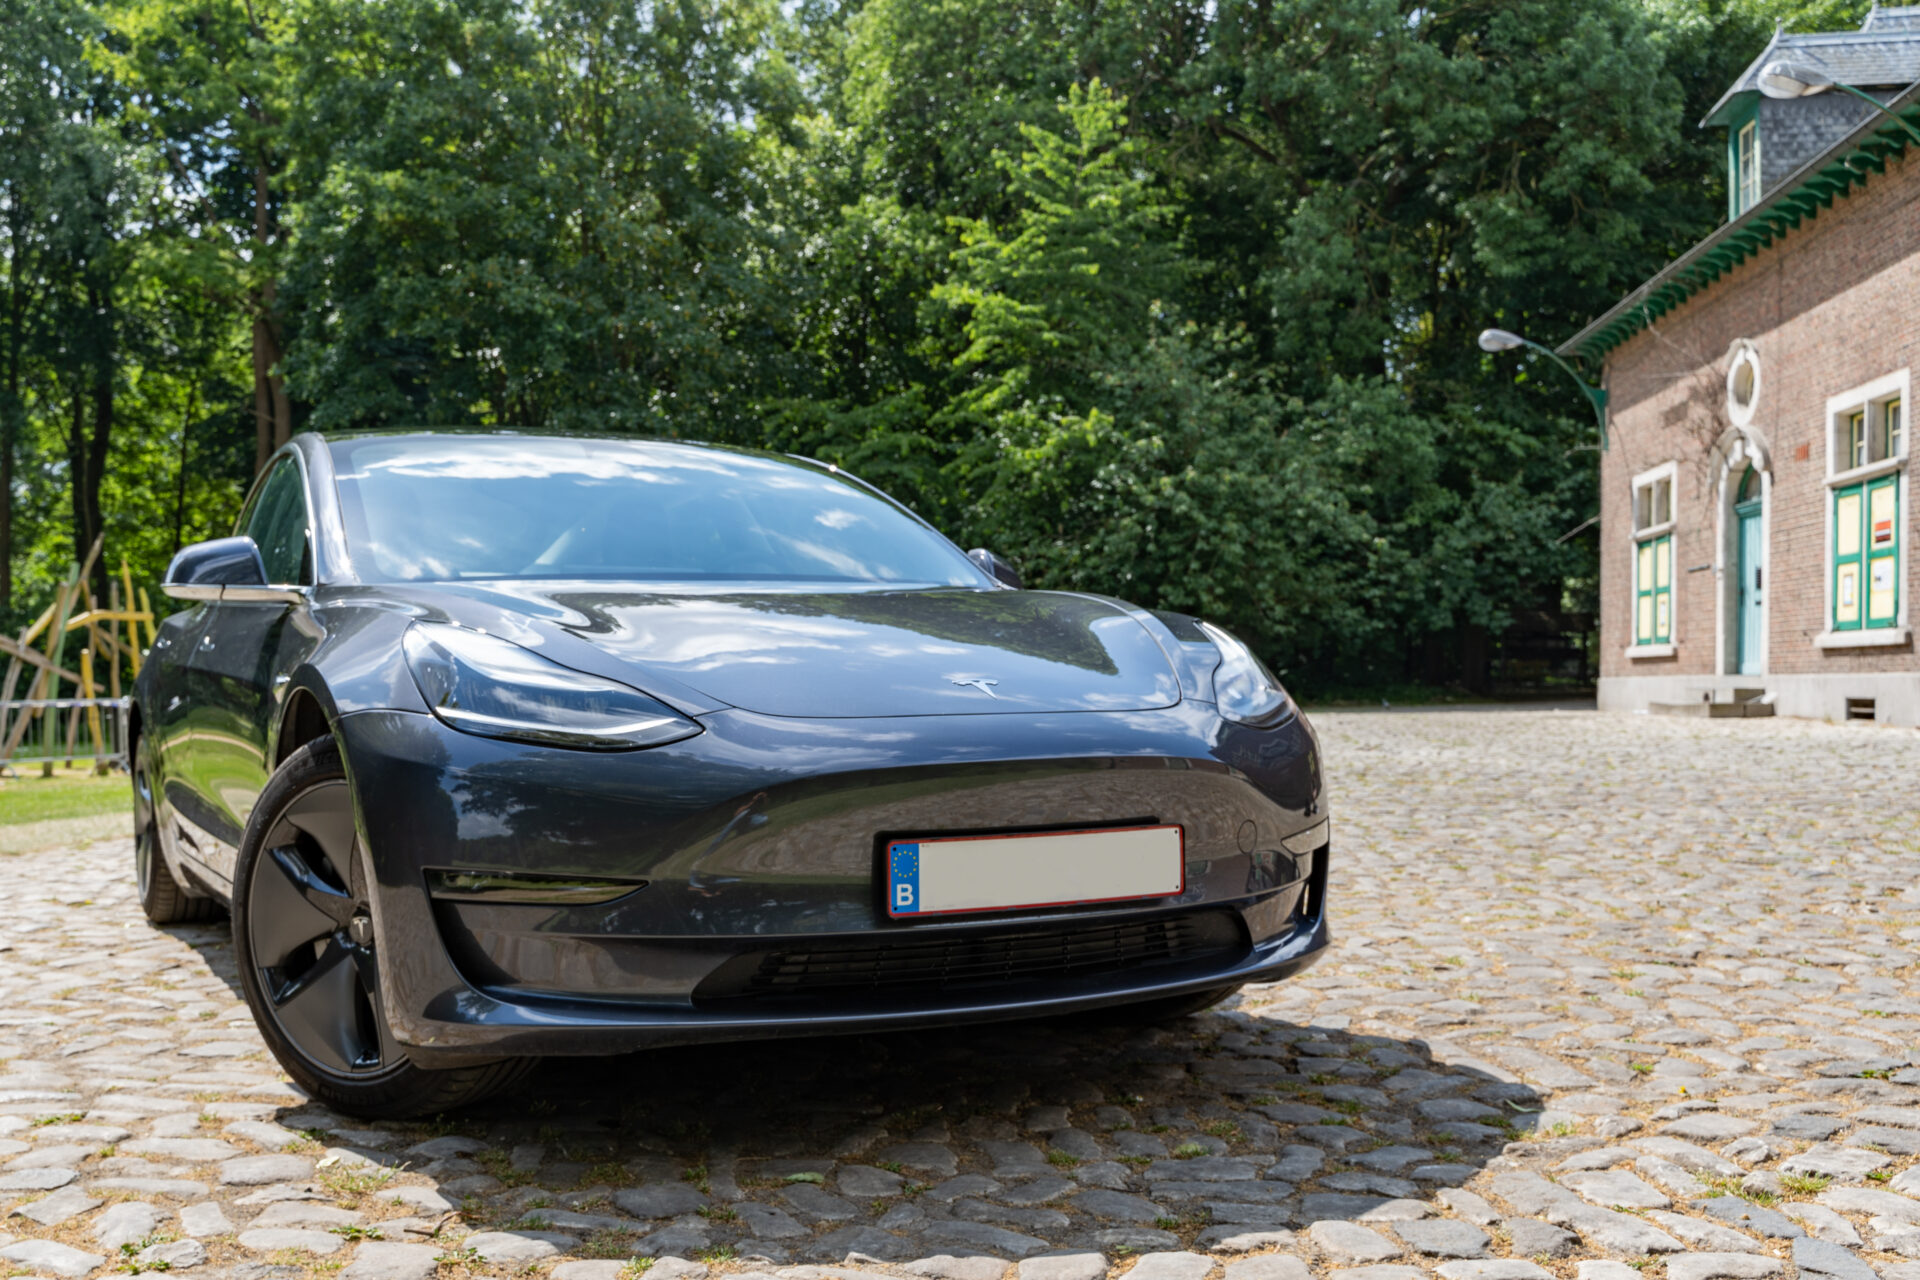 Duurzame roadtrips: waarom je volgende wagen elektrisch moet zijn